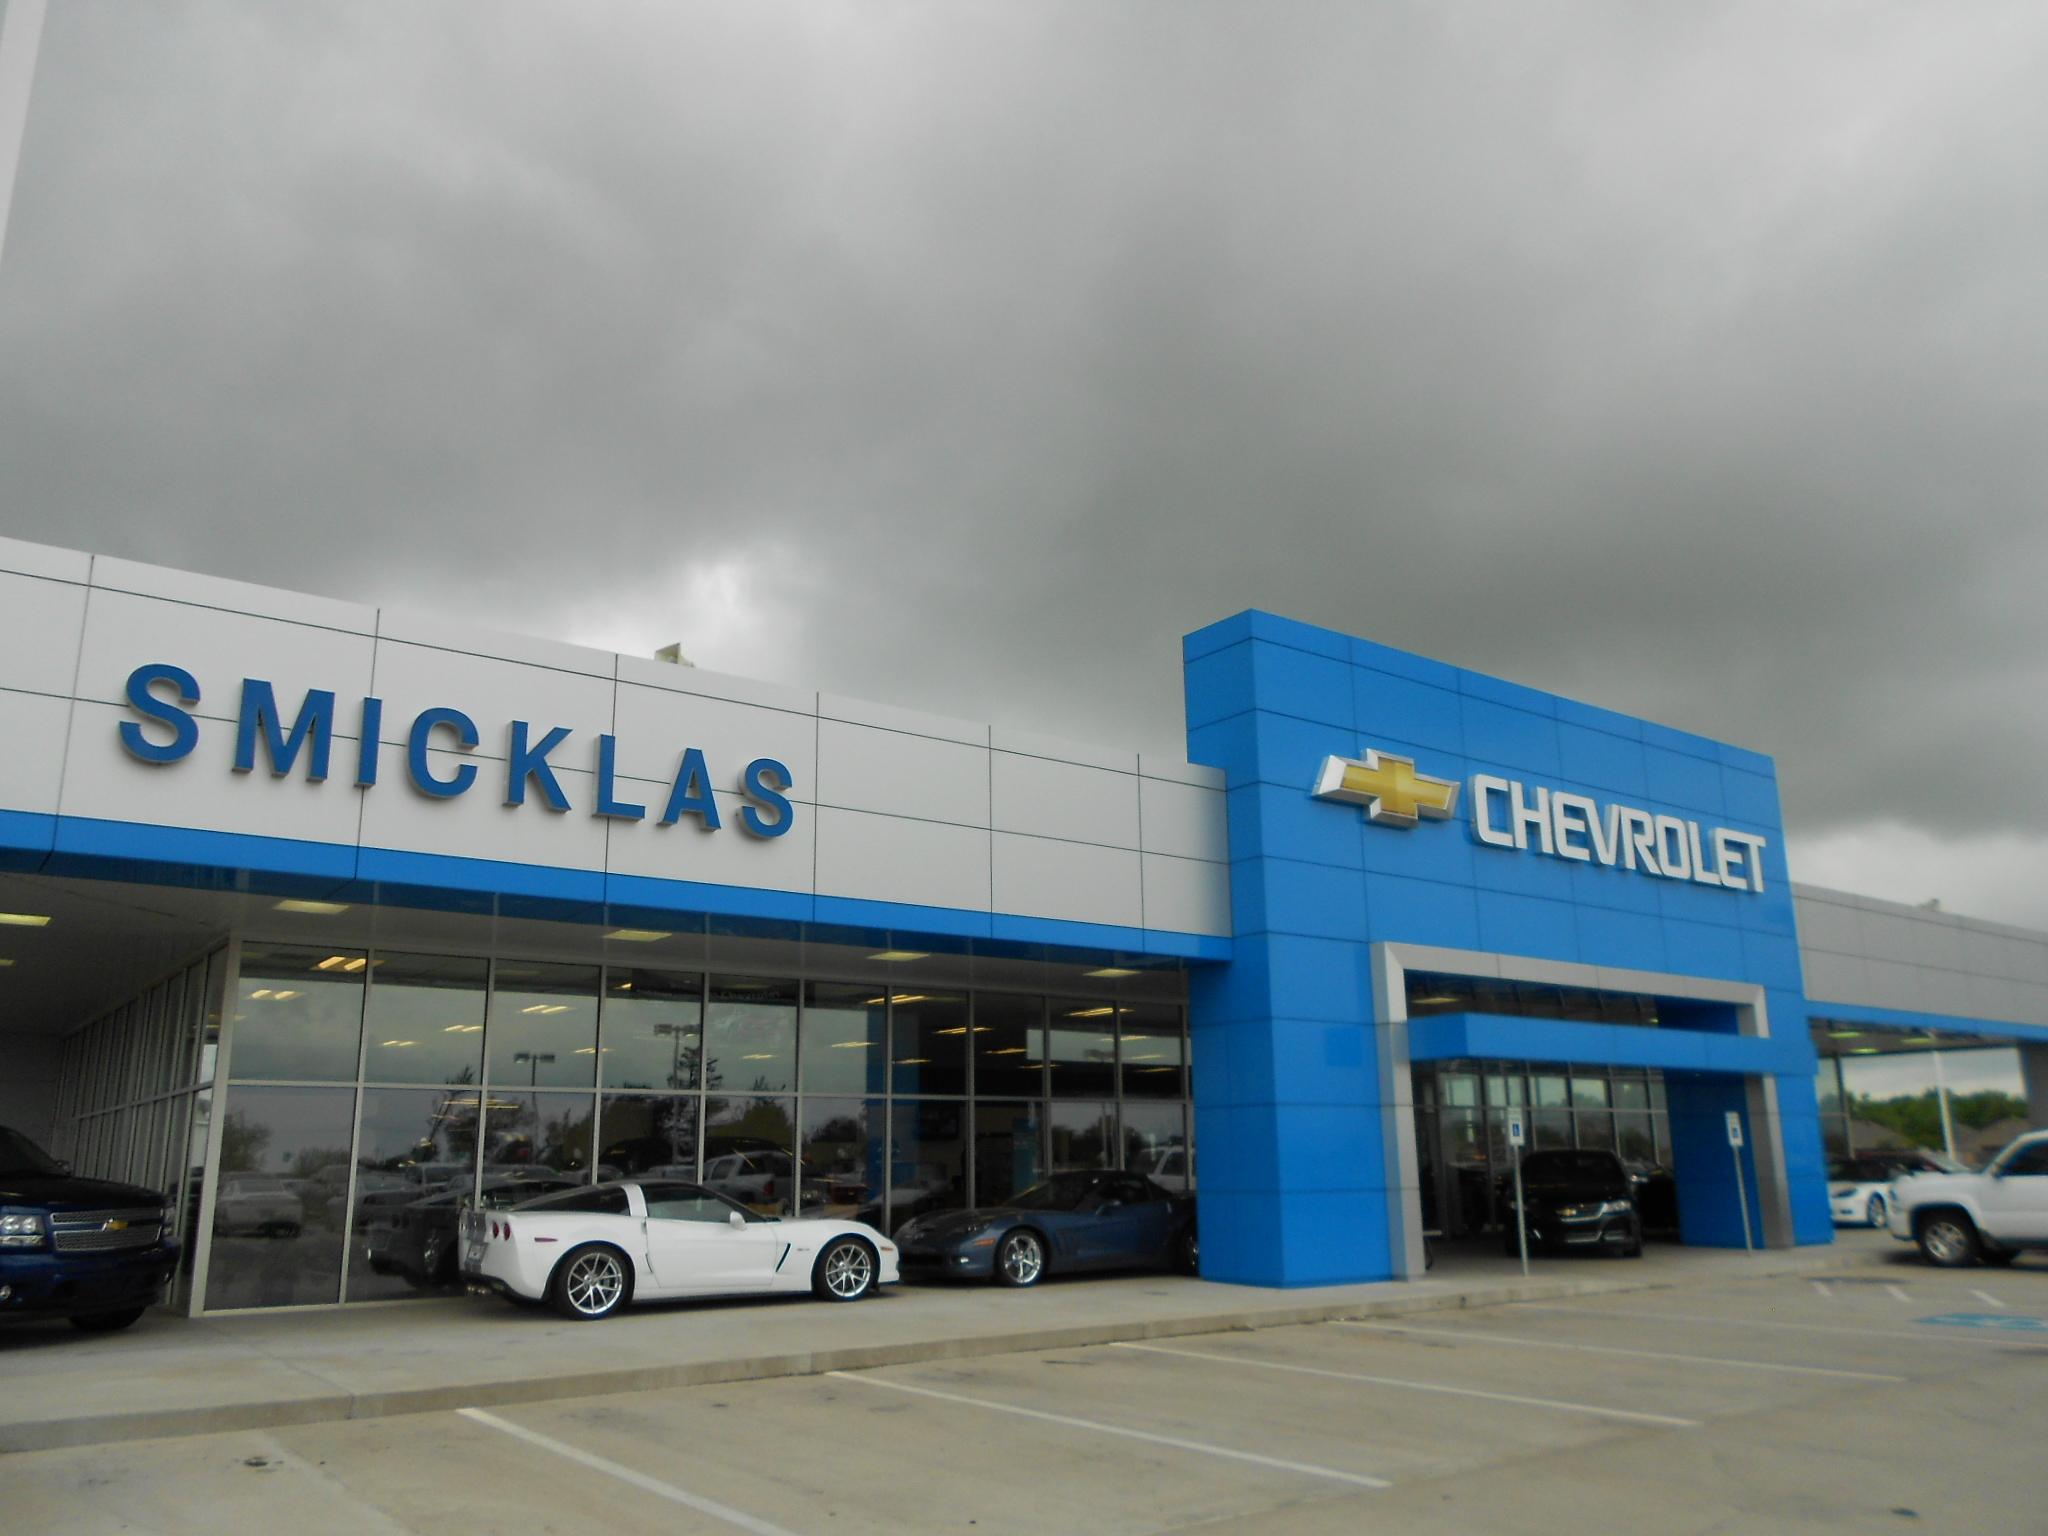 Smicklas Okc Used Cars